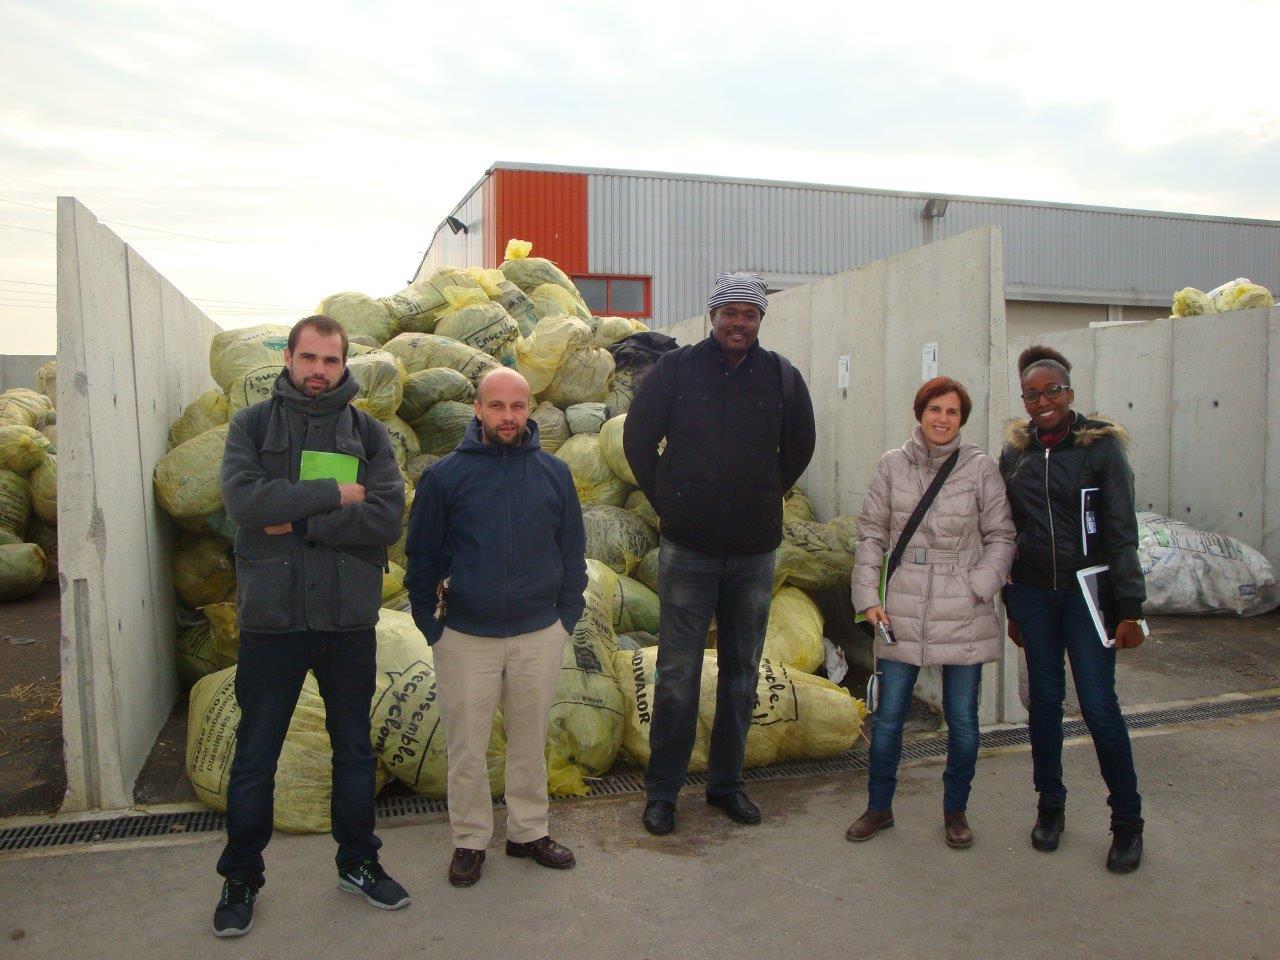 Adivalor actualit s traitement des d chets evpp ppnu for Chambre agriculture bourgogne